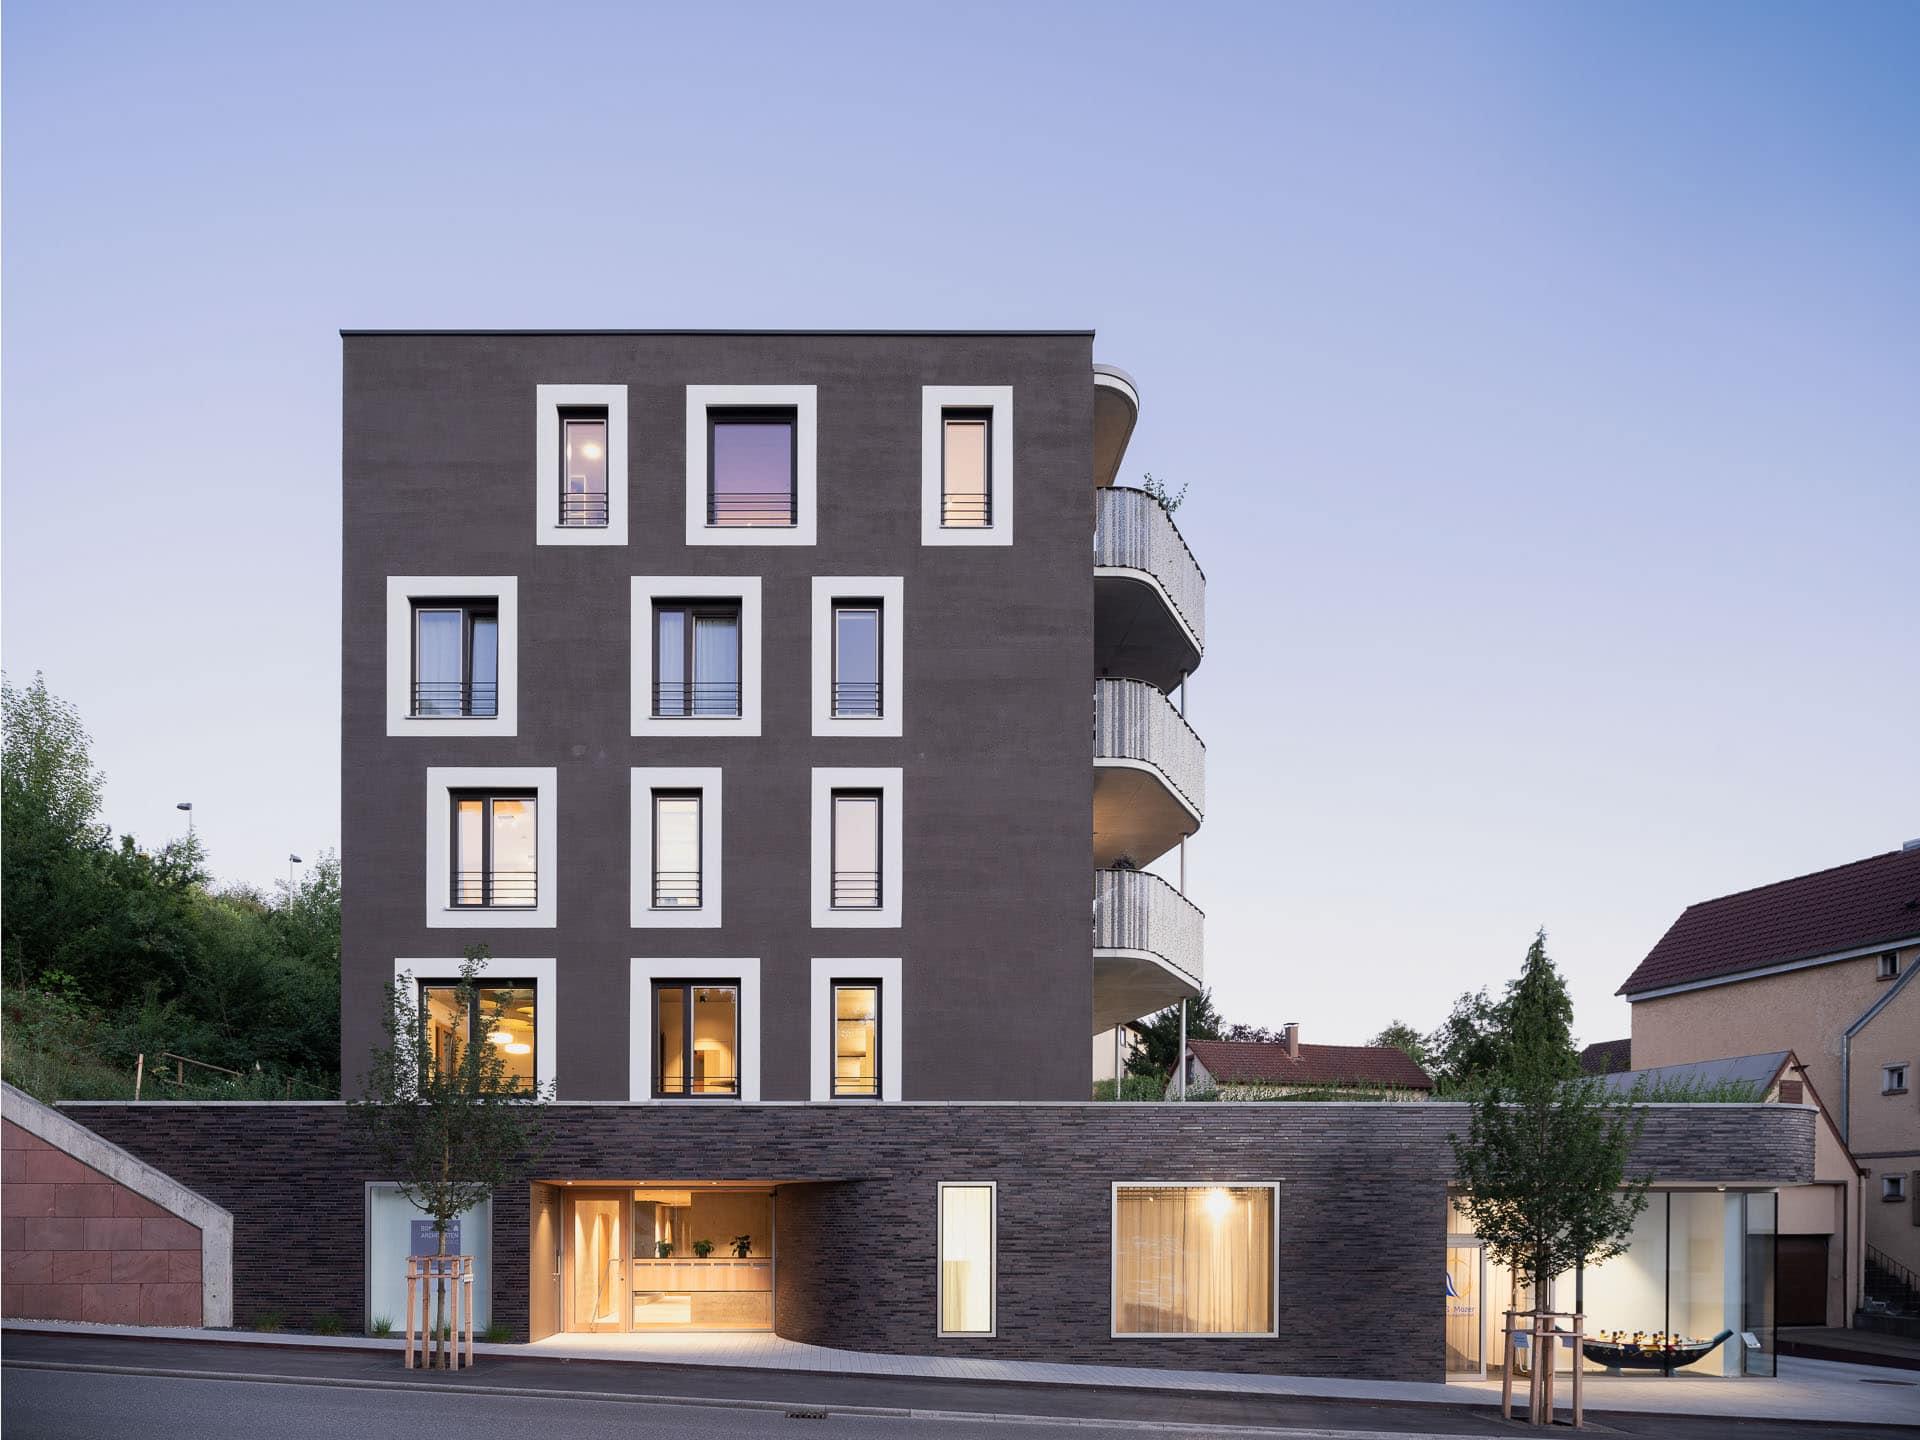 architekturfotograf-stuttgart: Architekturfotografie bei Bonasera Architekten, Nagold